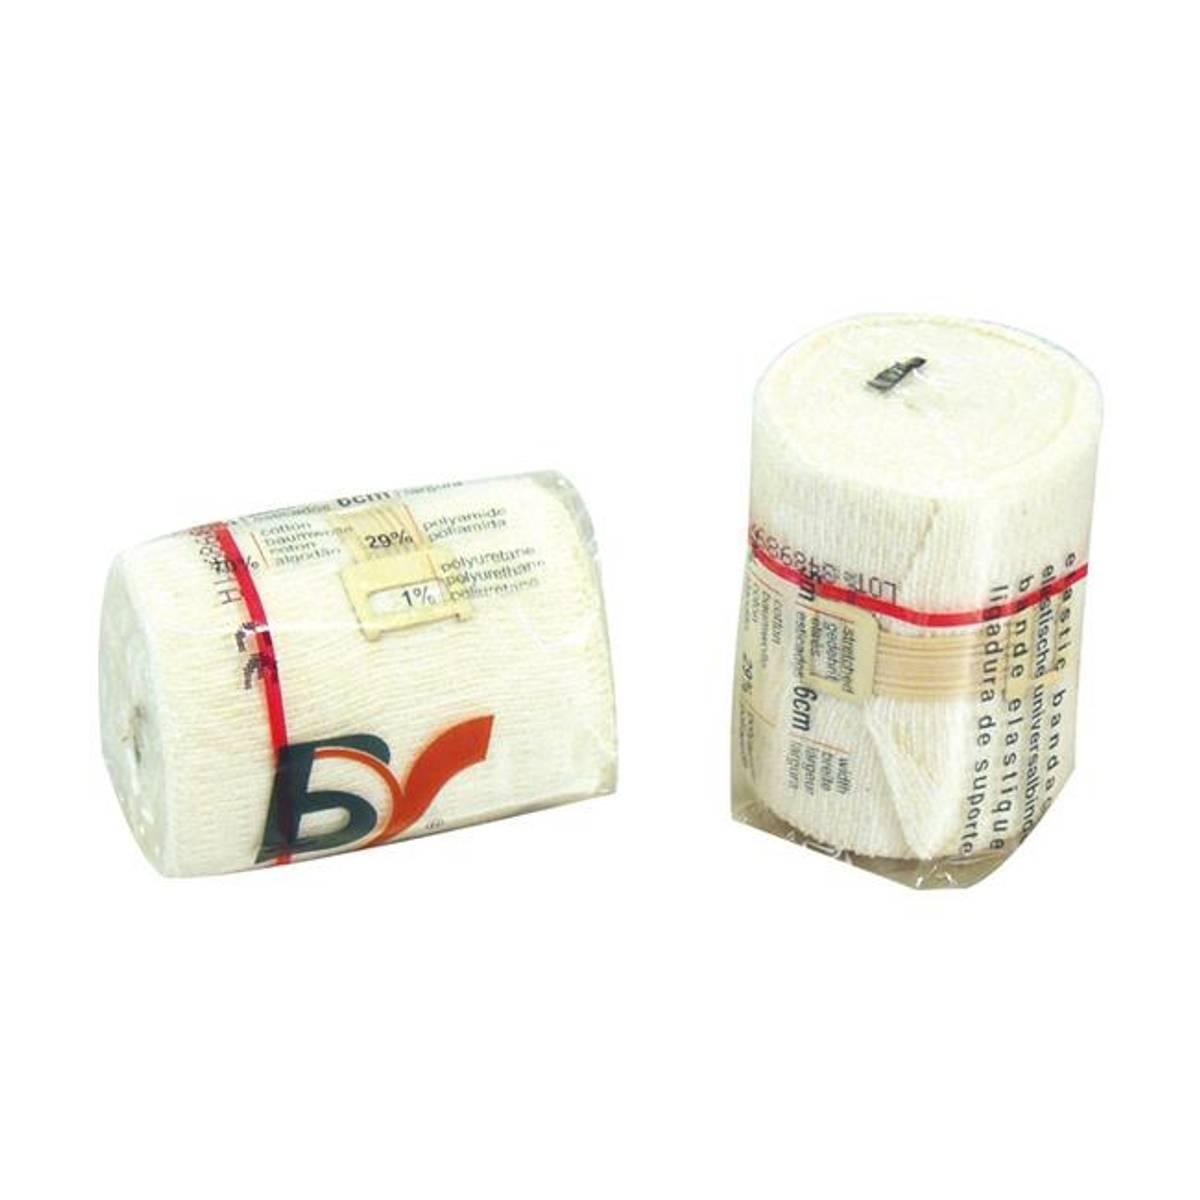 Universalbind elastisk BV 10cmx5m hvit